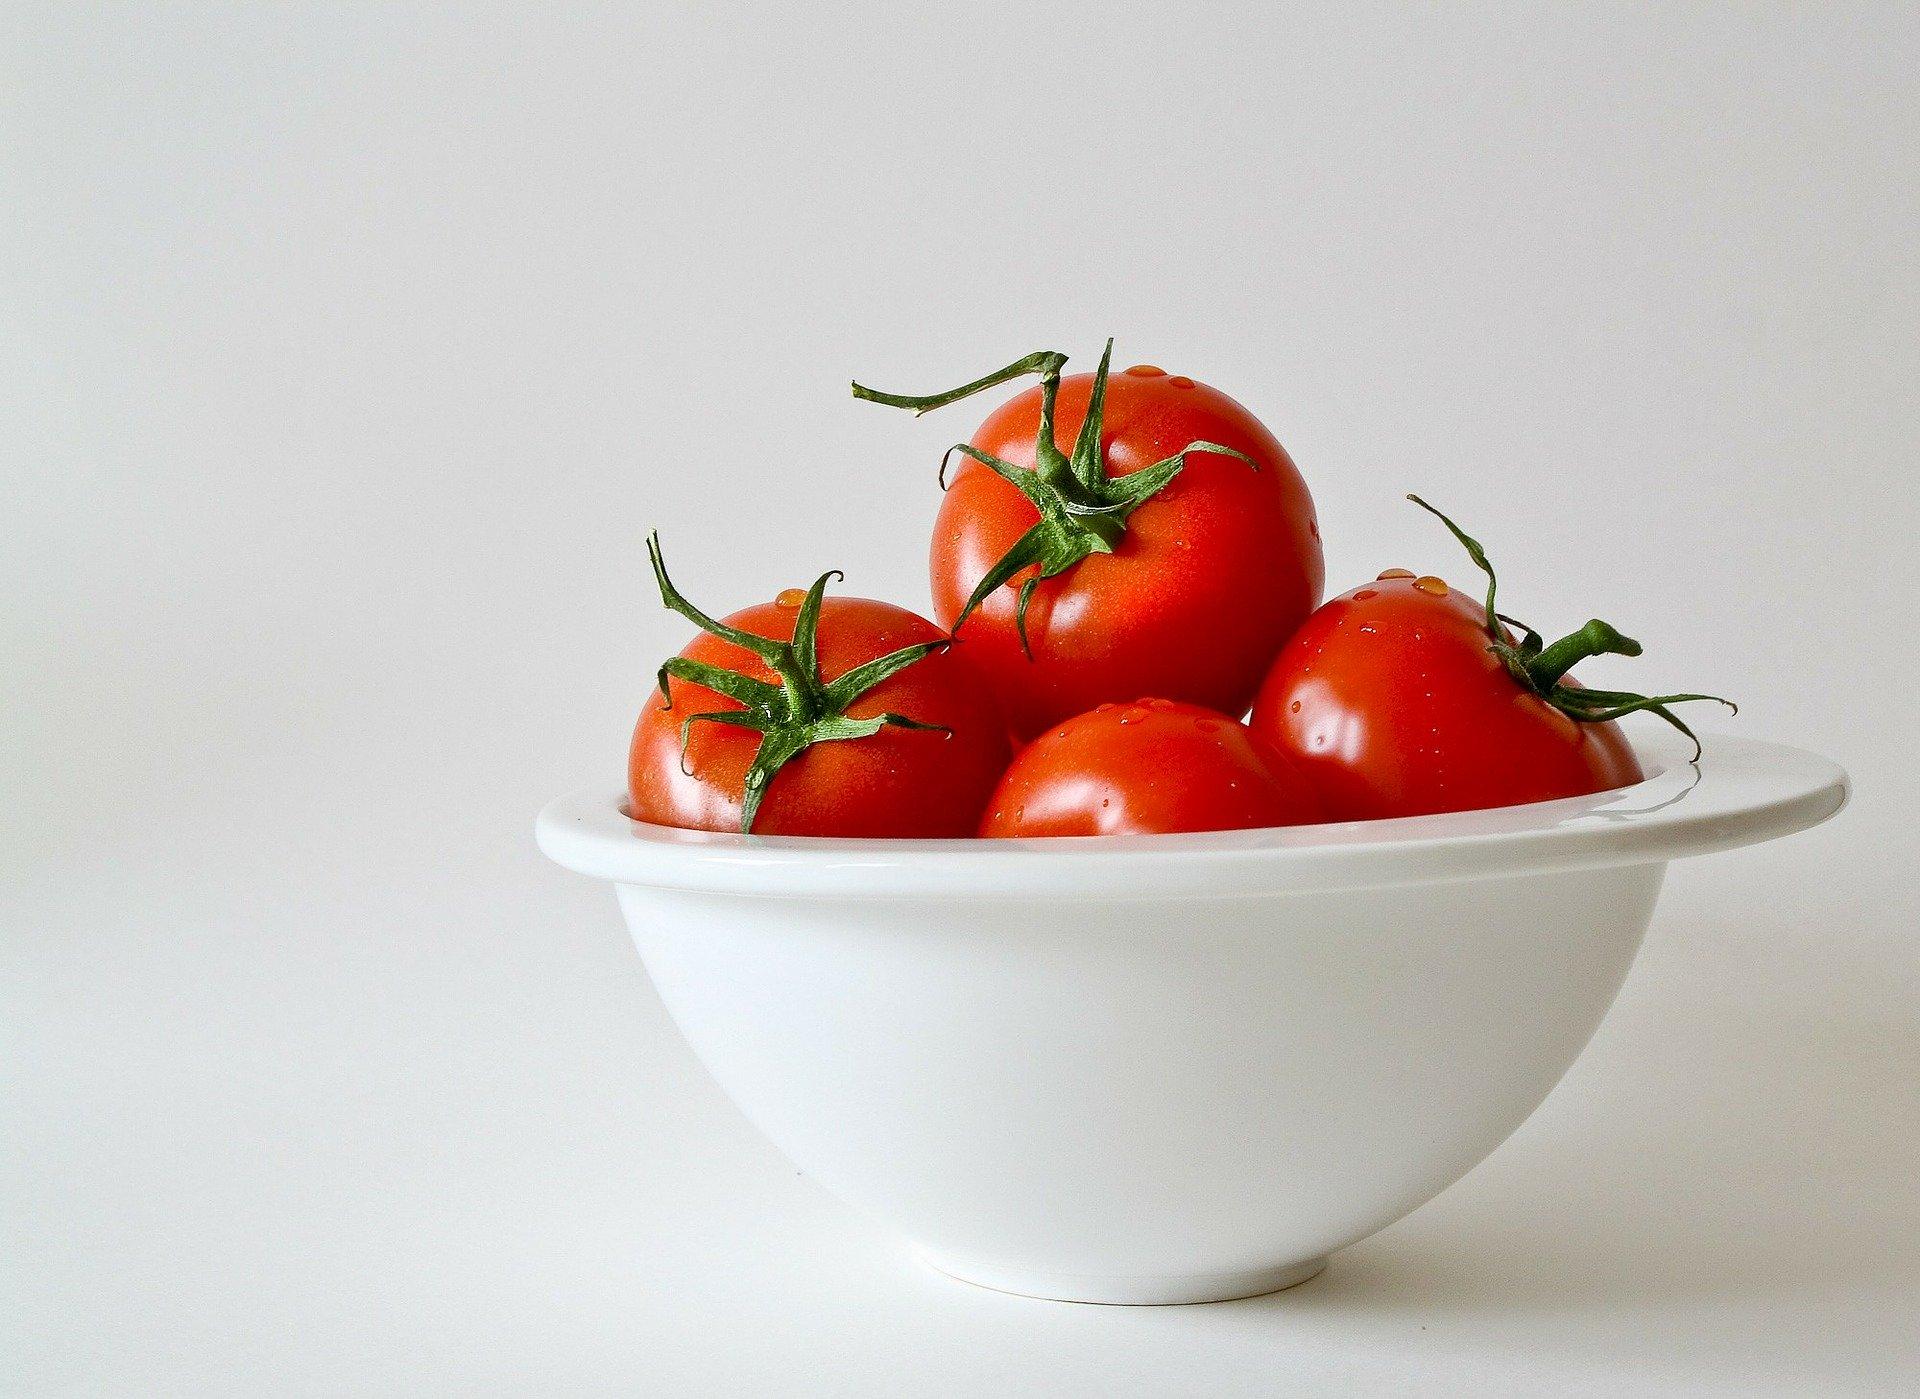 Une ferme de Tokenfarm basée sur VeChain va piloter le traçage à grande échelle des tomates italiennes